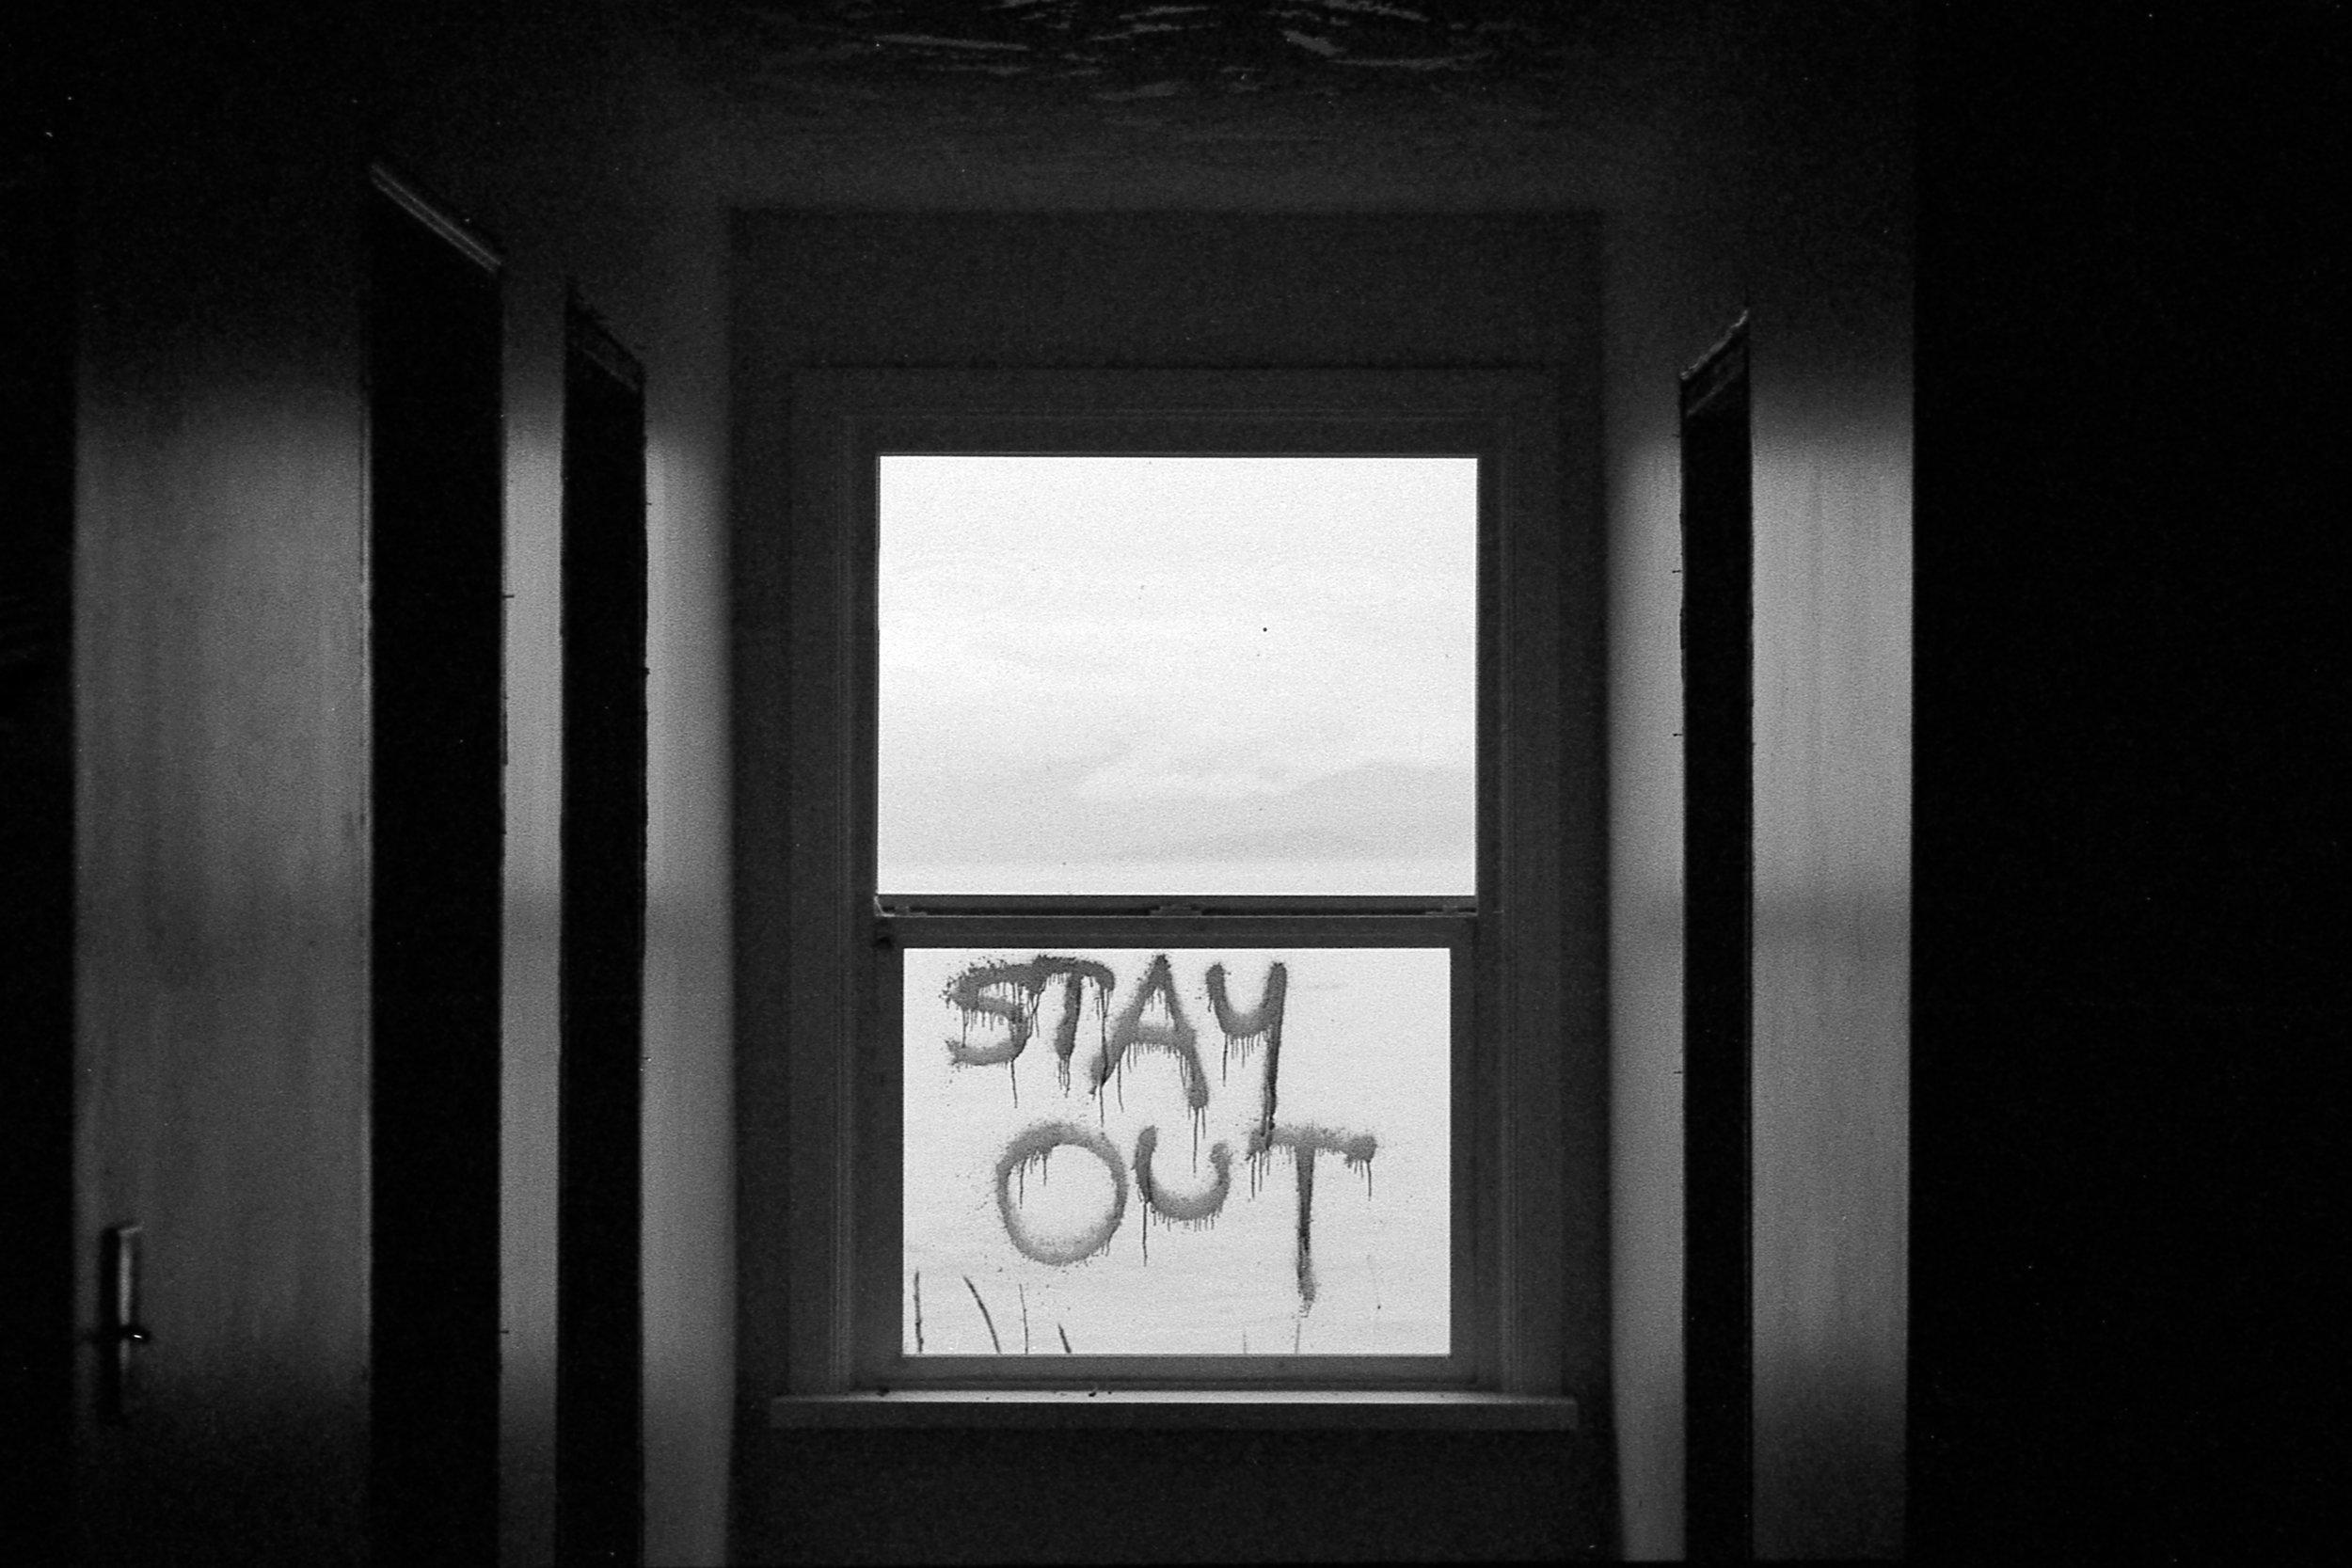 Stay Out | Frank Lassak